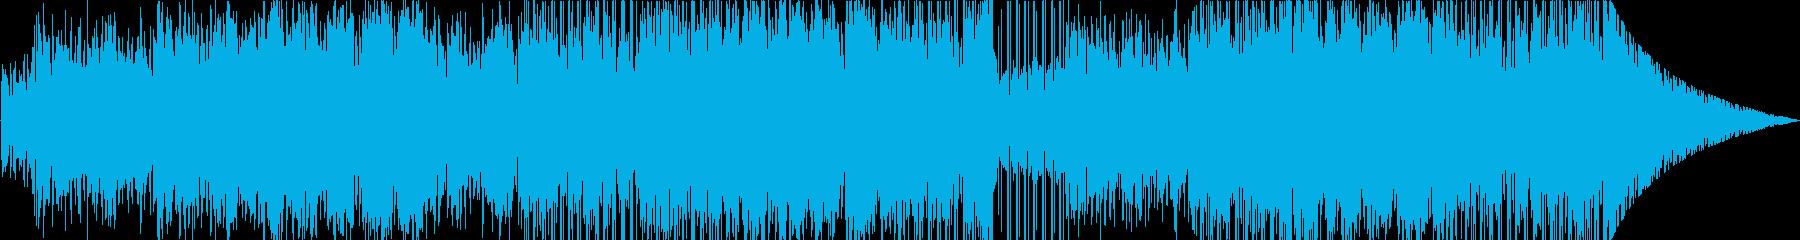 柔らかい声が光るボサノバの再生済みの波形